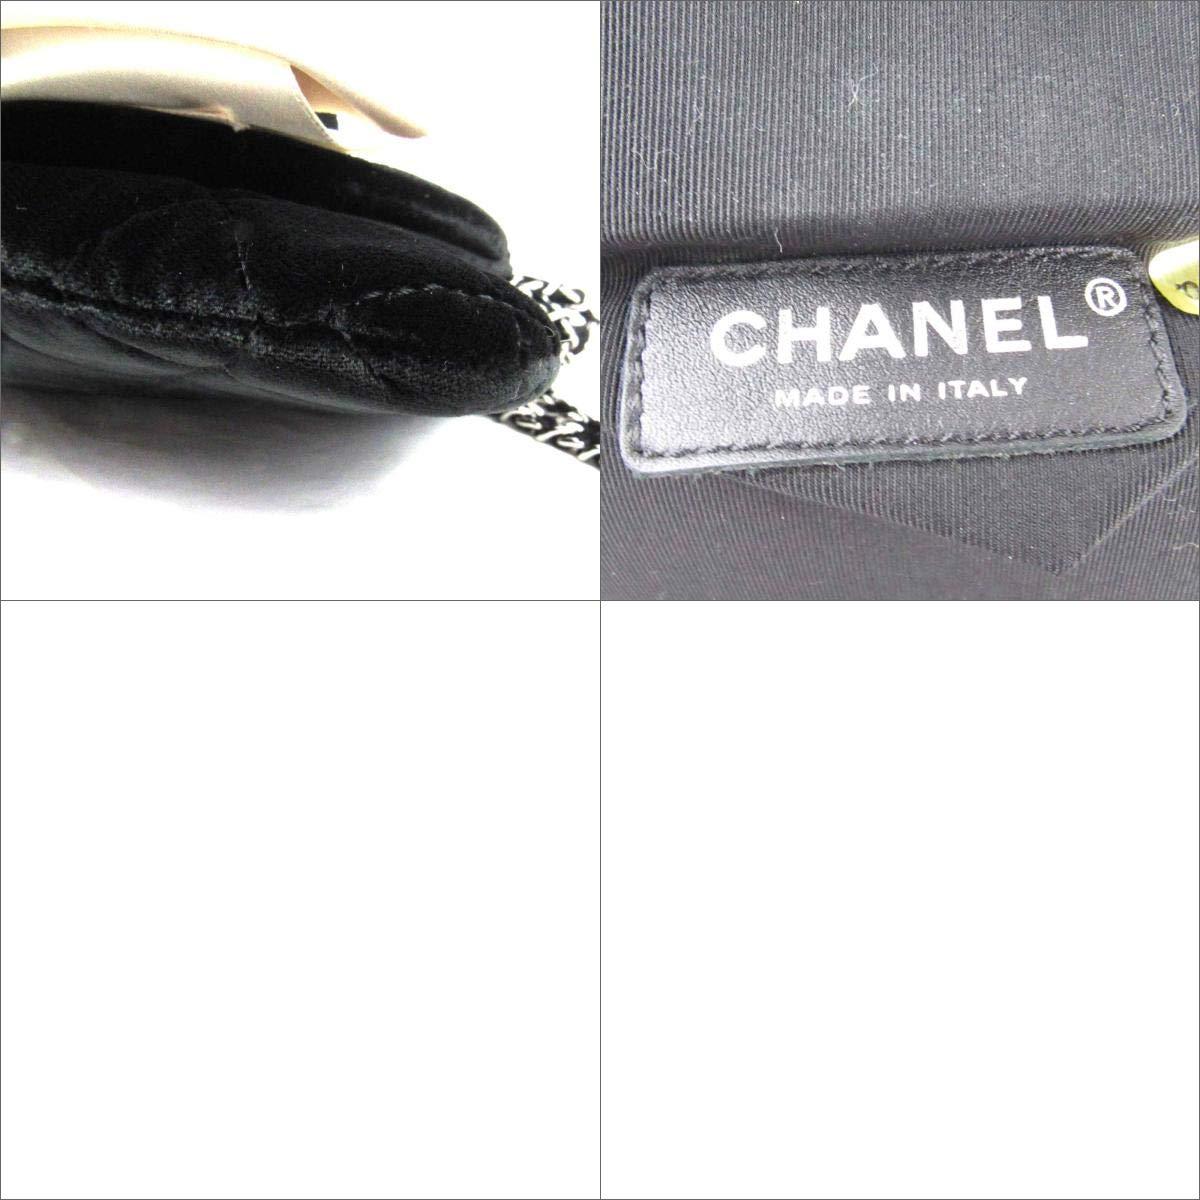 0176f5a40014 Amazon | [シャネル] CHANEL カメリア パーティバッグ クラッチバッグ ハンドバッグ ブラック ベルベット N45272 [中古] |  CHANEL(シャネル) | ハンドバッグ